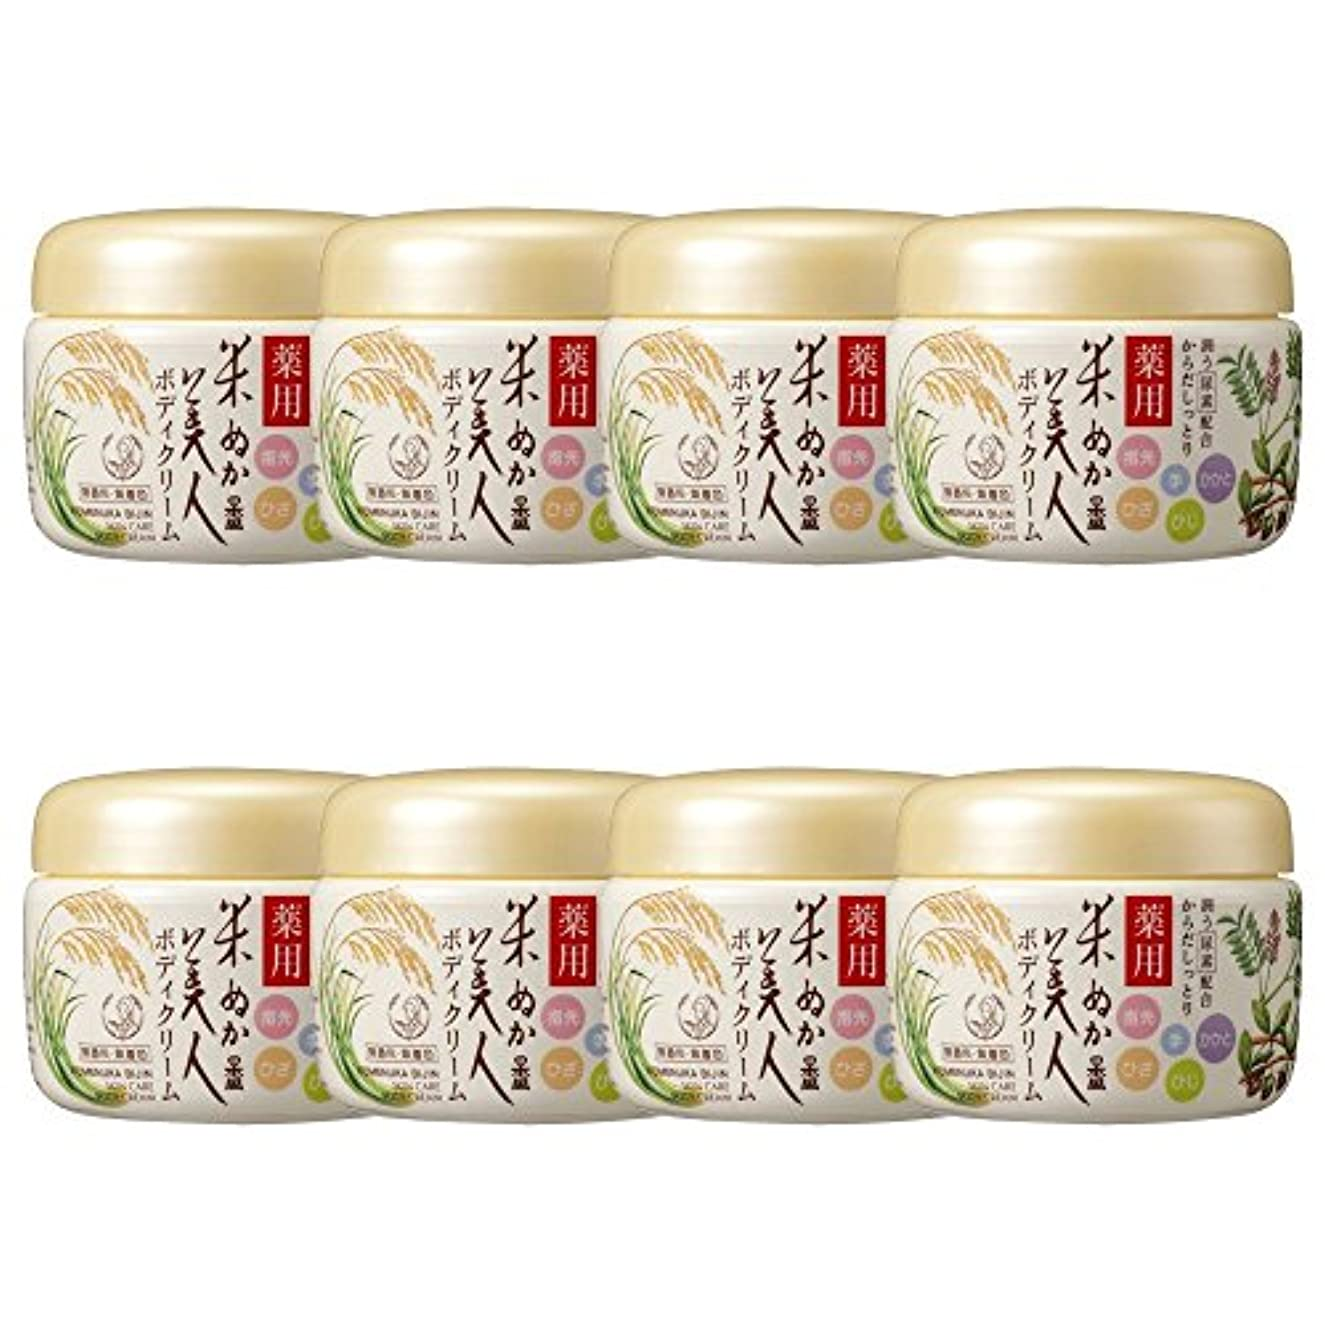 軍団興奮する移行する【セット】米ぬか美人 薬用ボディクリーム 140g ×8個